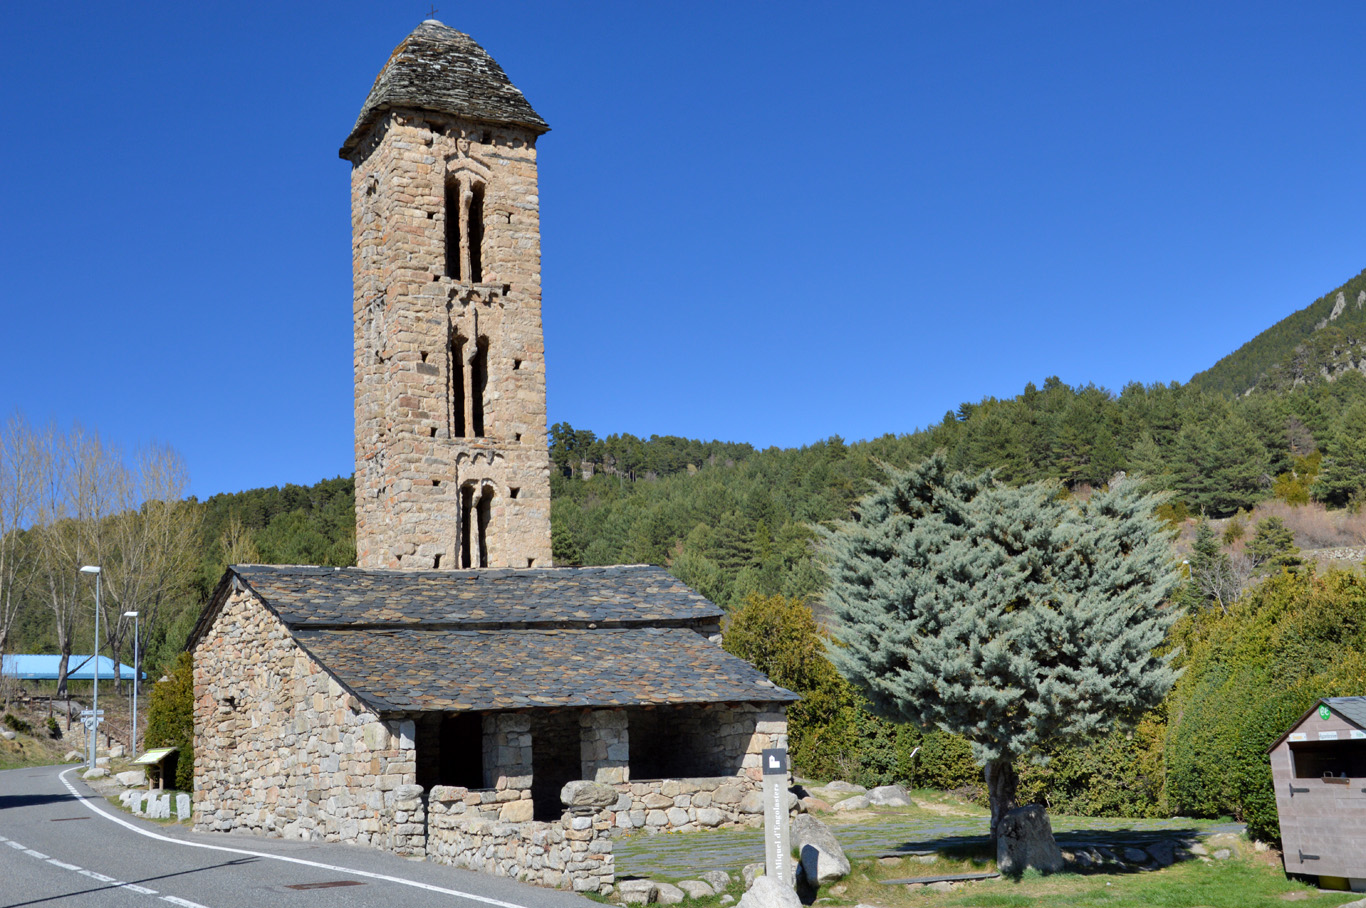 Saint Miquel Engolasters Church